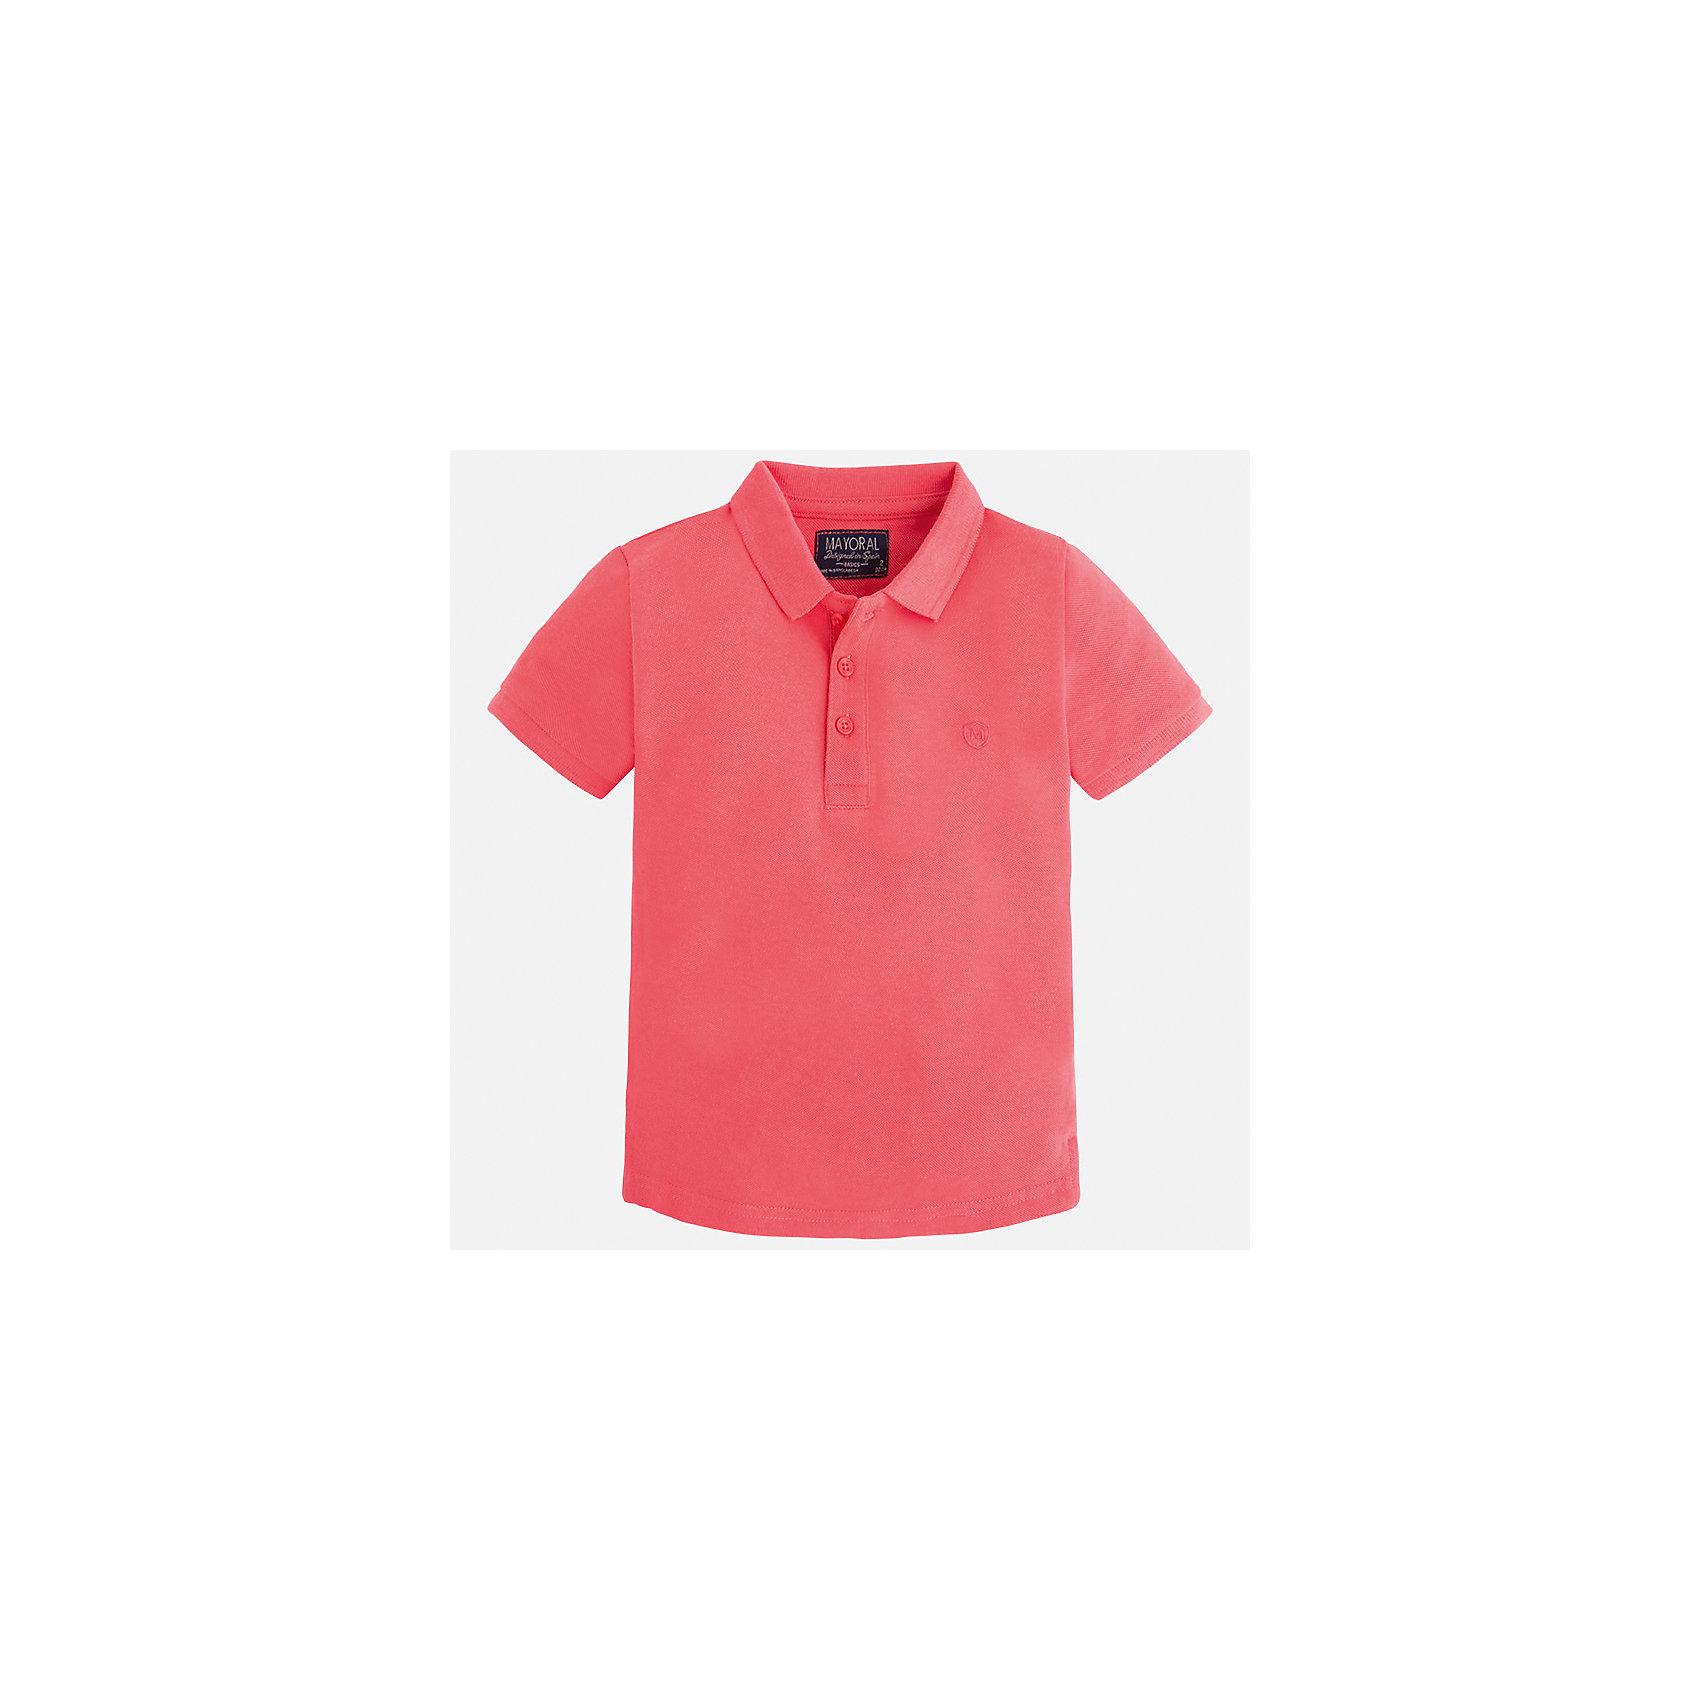 Футболка-поло для мальчика MayoralФутболки, поло и топы<br>Характеристики товара:<br><br>• цвет: розовый<br>• состав: 100% хлопок<br>• отложной воротник<br>• короткие рукава<br>• застежка: пуговицы<br>• вышивка на груди<br>• страна бренда: Испания<br><br>Стильная удобная футболка-поло для мальчика может стать базовой вещью в гардеробе ребенка. Она отлично сочетается с брюками, шортами, джинсами и т.д. Универсальный крой и цвет позволяет подобрать к вещи низ разных расцветок. Практичное и стильное изделие! В составе материала - только натуральный хлопок, гипоаллергенный, приятный на ощупь, дышащий.<br><br>Одежда, обувь и аксессуары от испанского бренда Mayoral полюбились детям и взрослым по всему миру. Модели этой марки - стильные и удобные. Для их производства используются только безопасные, качественные материалы и фурнитура. Порадуйте ребенка модными и красивыми вещами от Mayoral! <br><br>Футболку-поло для мальчика от испанского бренда Mayoral (Майорал) можно купить в нашем интернет-магазине.<br><br>Ширина мм: 230<br>Глубина мм: 40<br>Высота мм: 220<br>Вес г: 250<br>Цвет: розовый<br>Возраст от месяцев: 18<br>Возраст до месяцев: 24<br>Пол: Мужской<br>Возраст: Детский<br>Размер: 92,134,128,122,116,110,104,98<br>SKU: 5277767